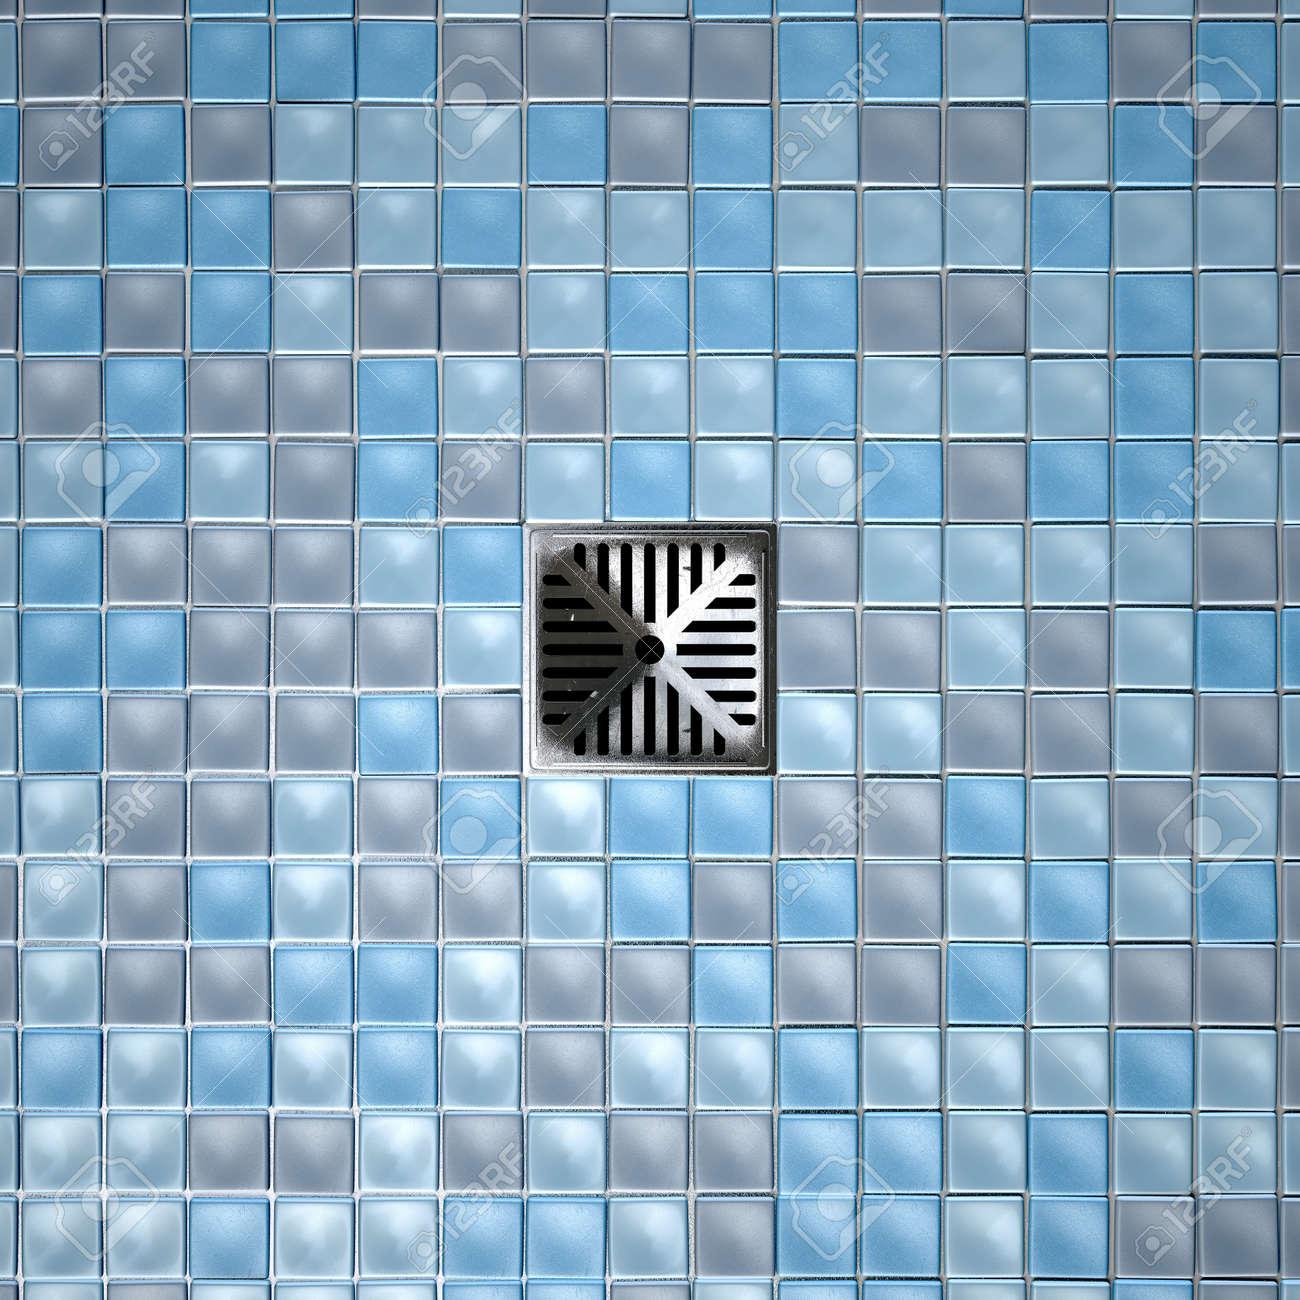 Doccia A Pavimento Con Mosaico.Immagini Stock Una Doccia A Pavimento Decorato Con Una Collezione